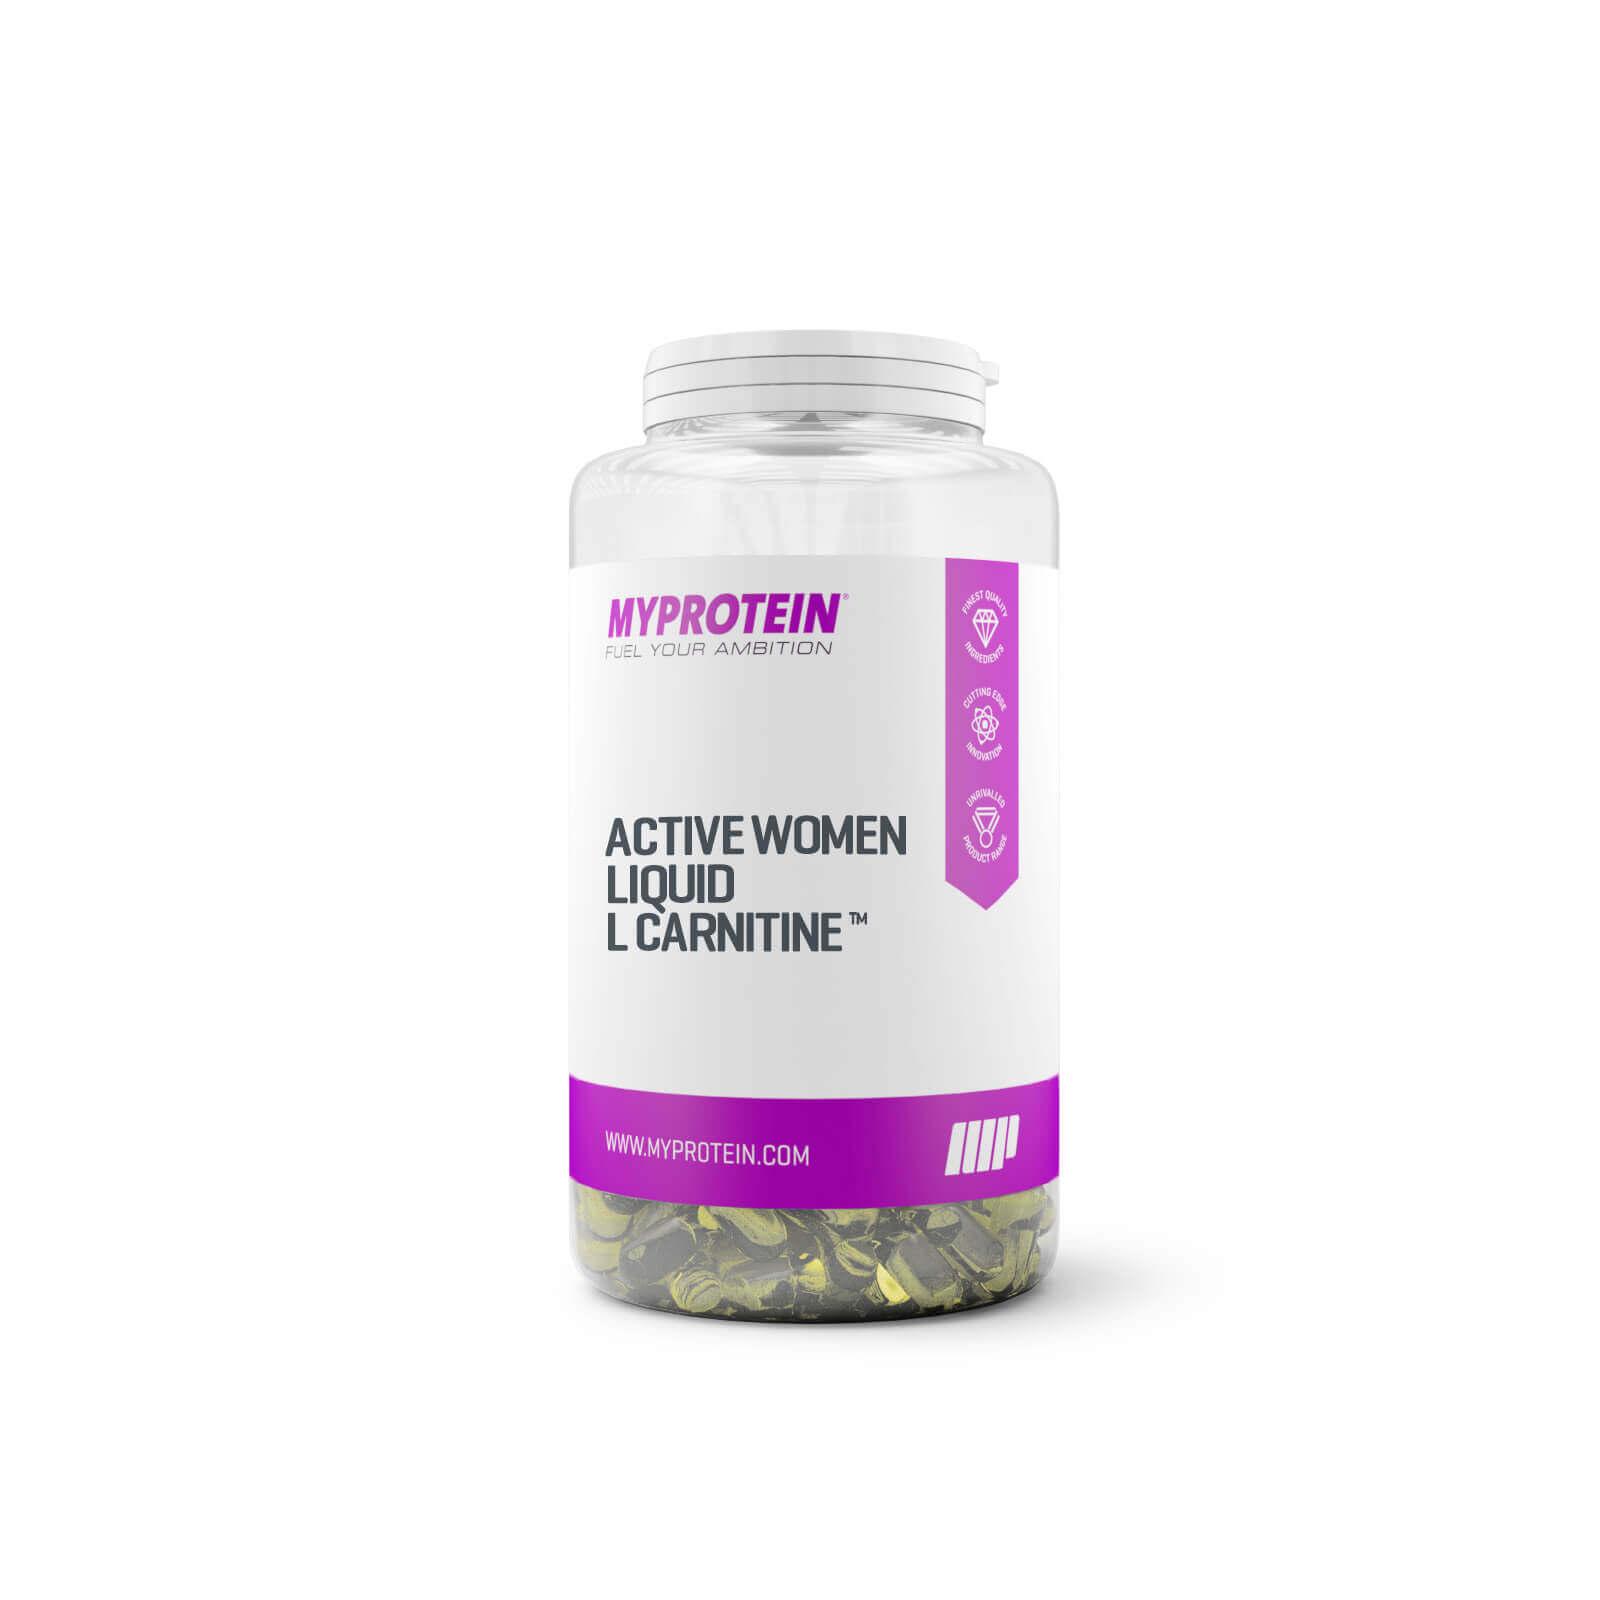 Active Women Liquid L-Carnitine Capsules